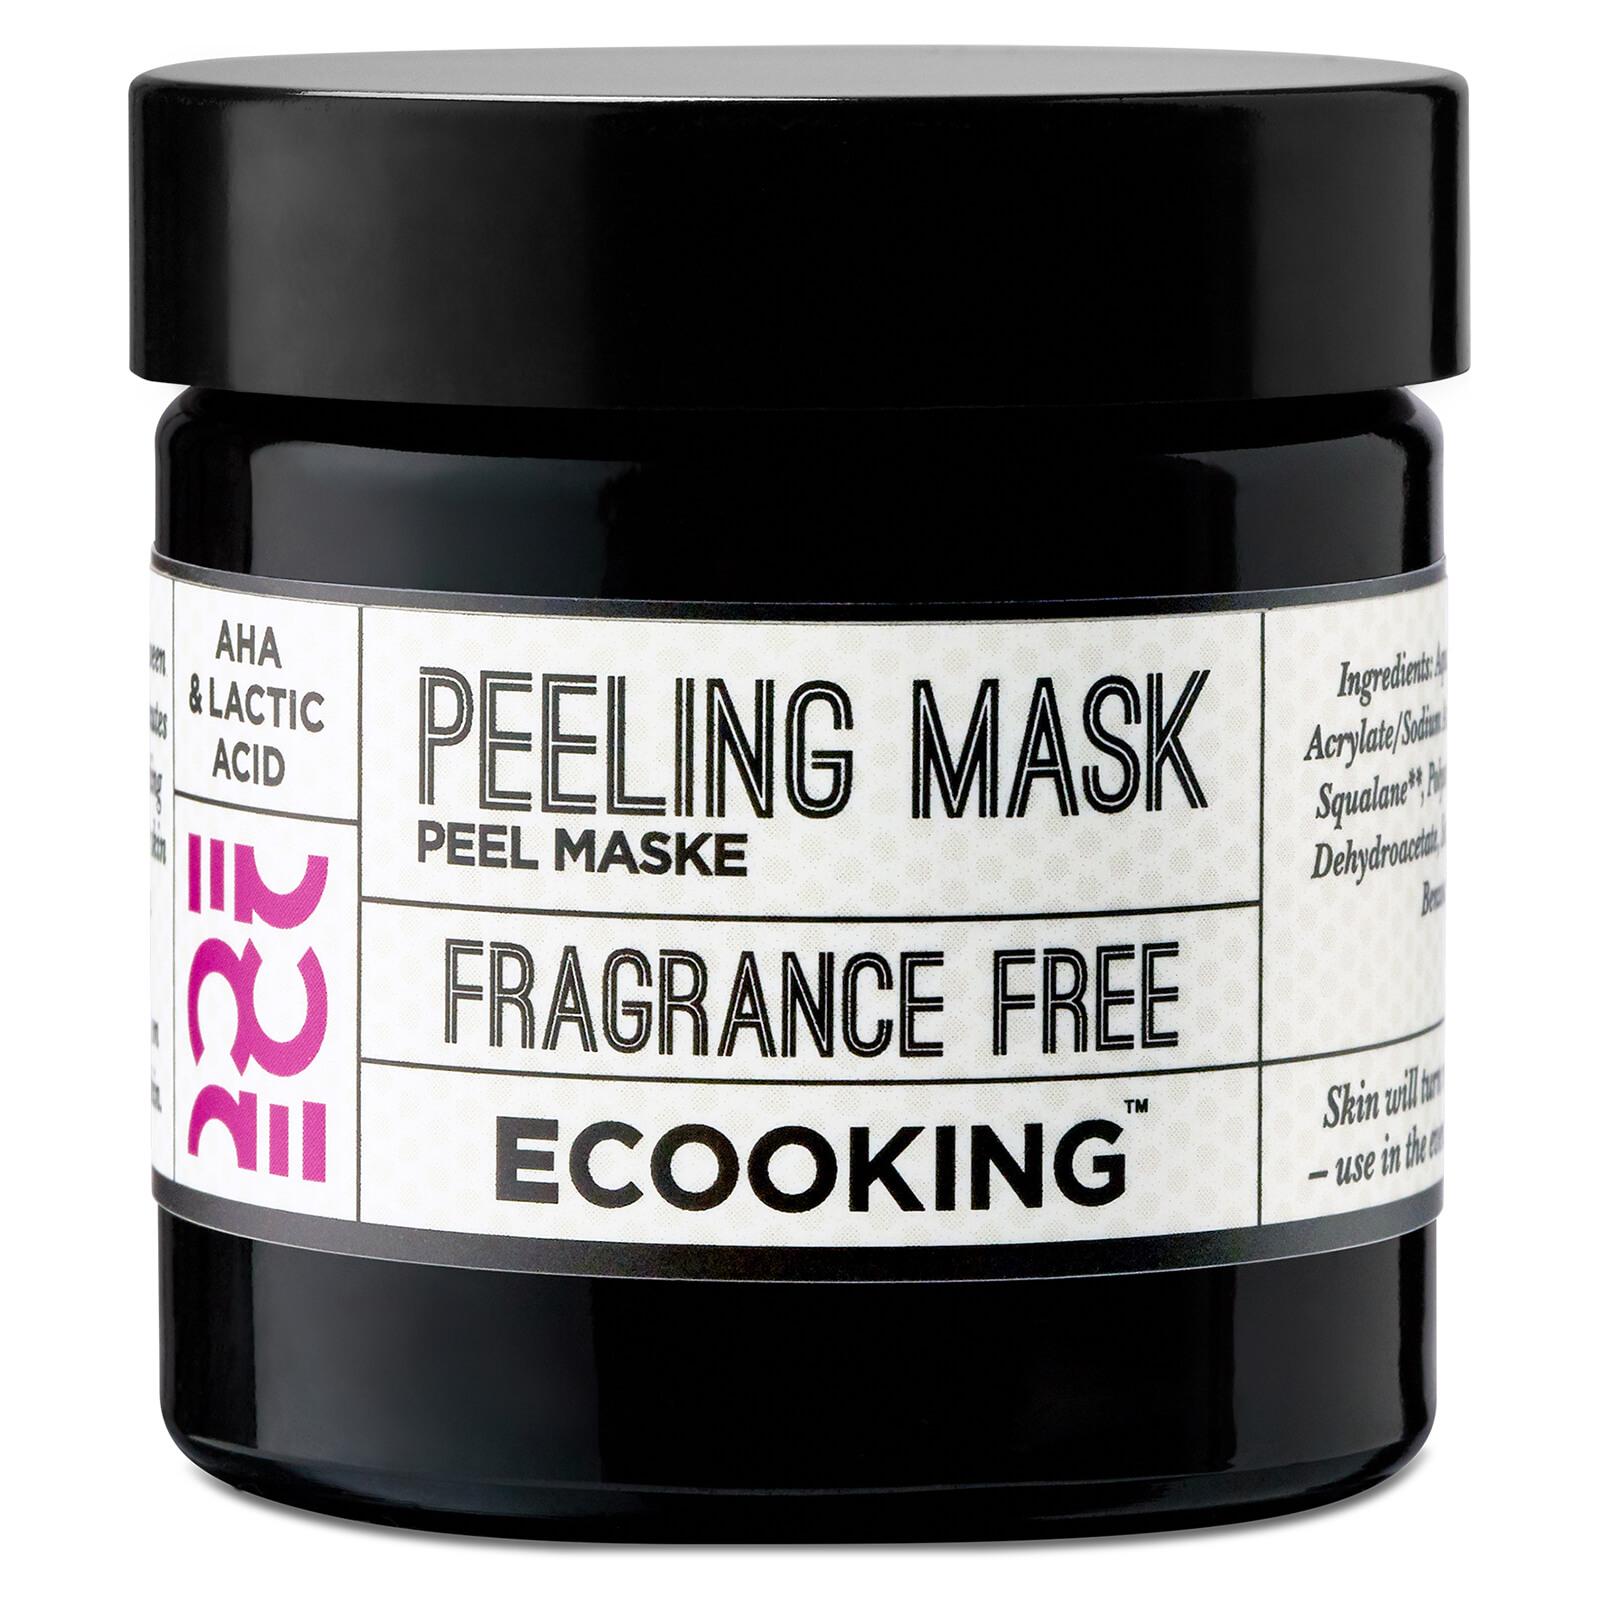 Купить Ecooking Peeling Mask 50ml